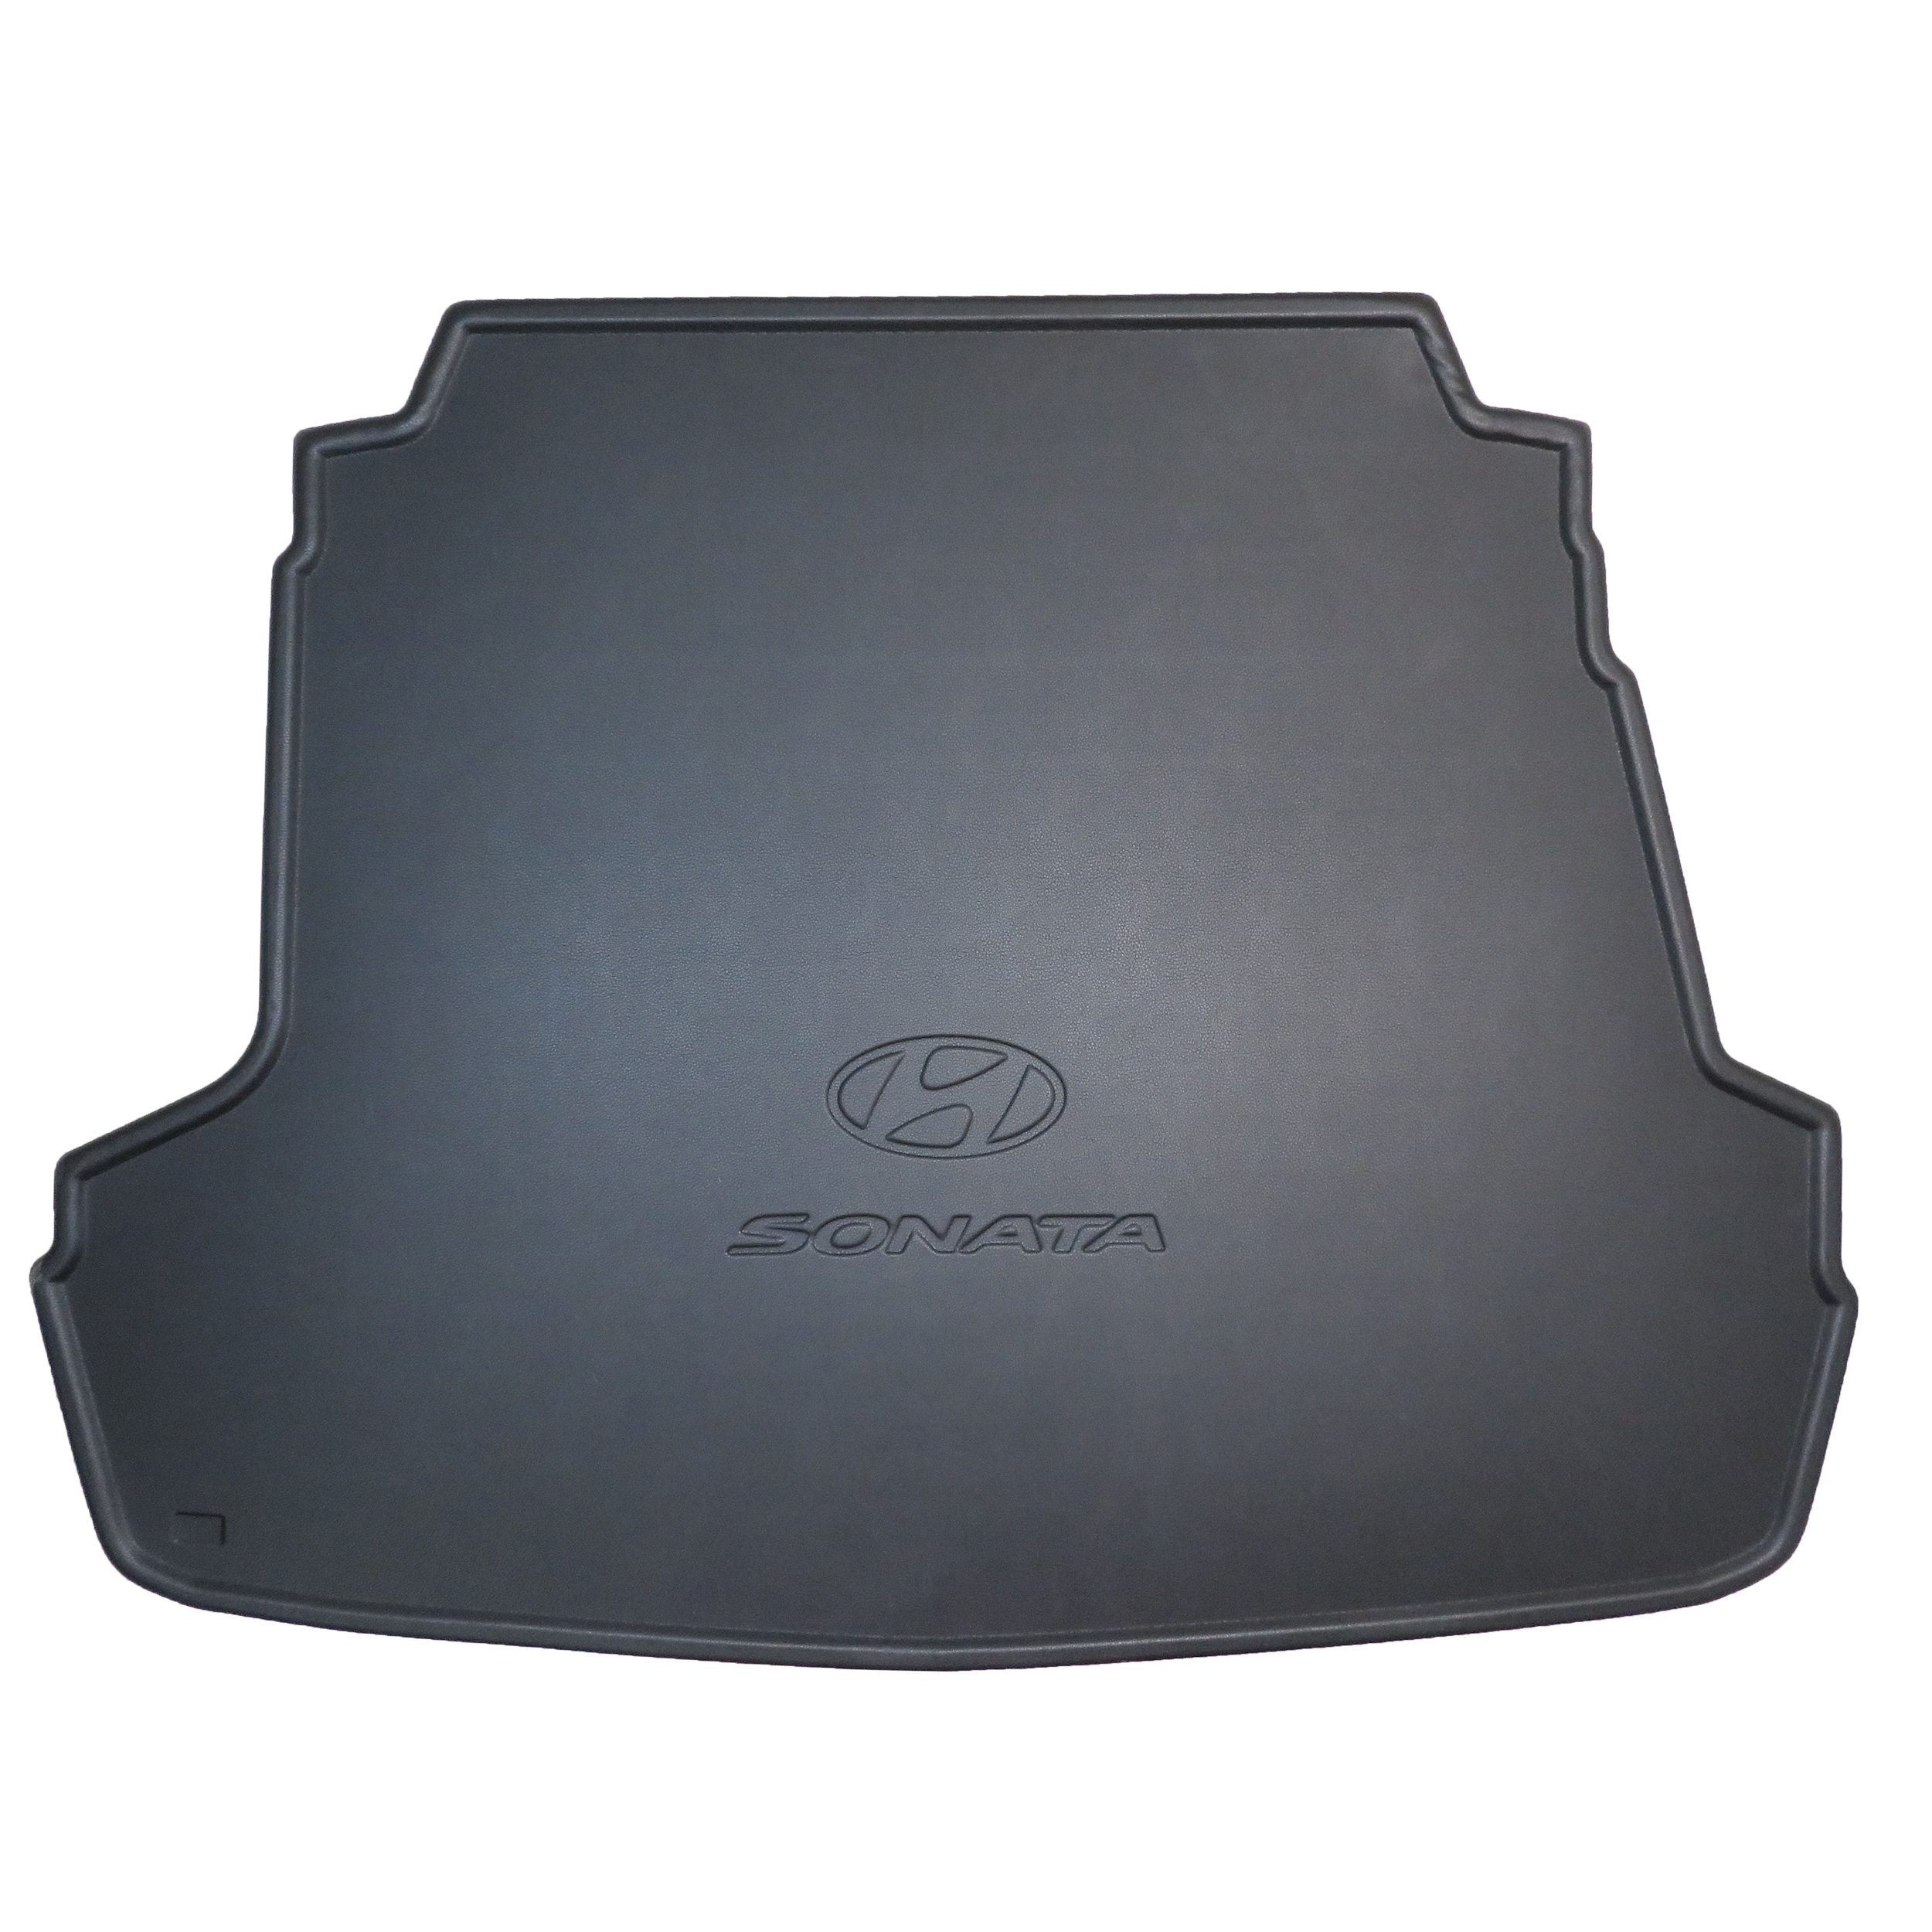 کفپوش سه بعدی صندوق خودرو مدل VXL14 مناسب برای هیوندای سوناتا YF